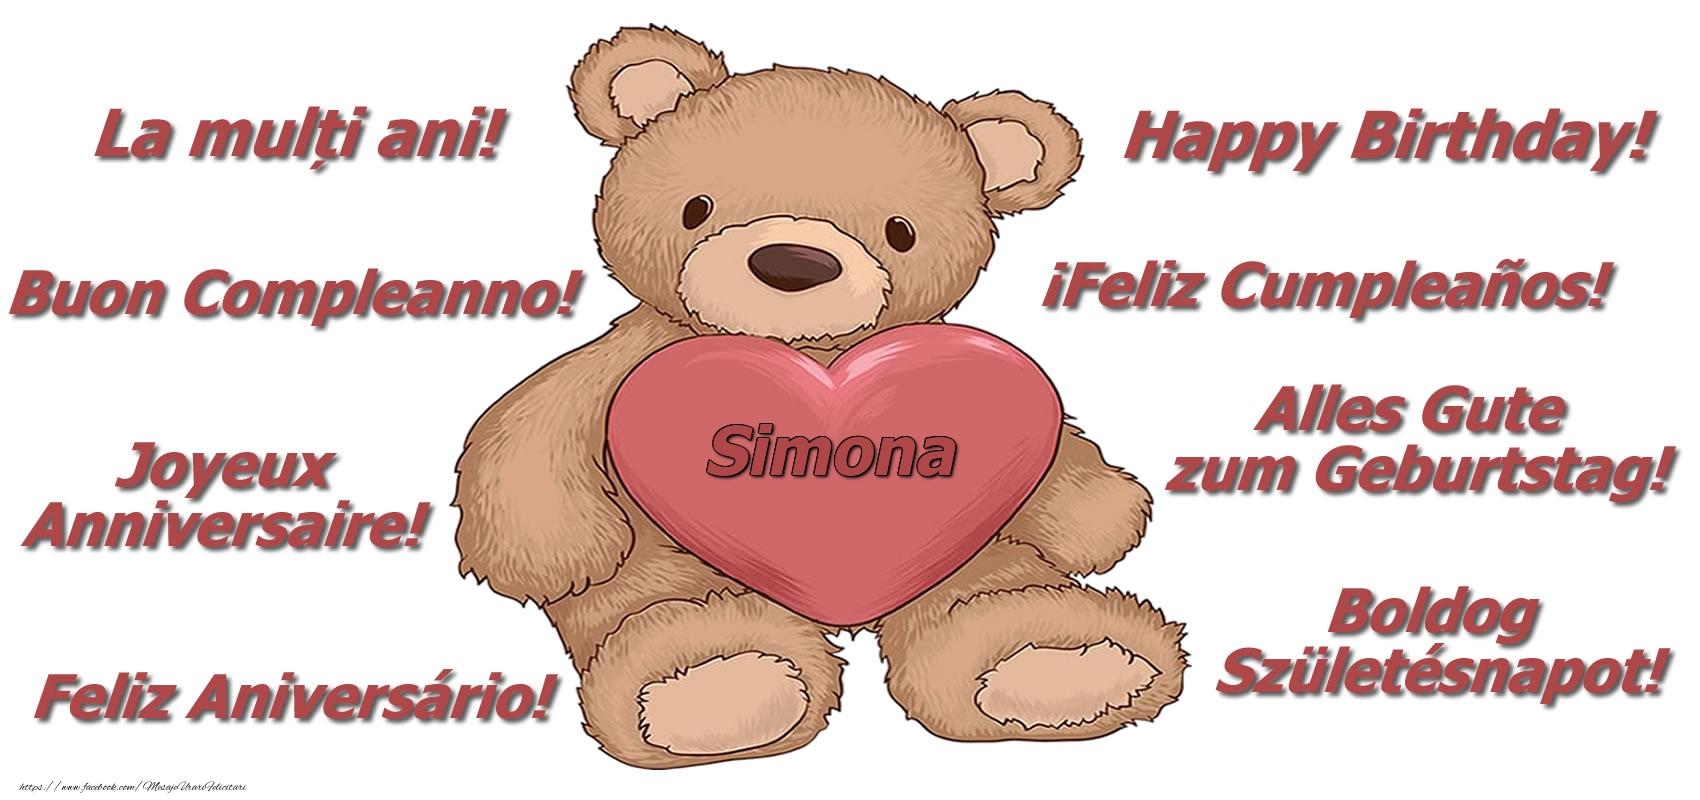 Felicitari de zi de nastere - La multi ani Simona! - Ursulet